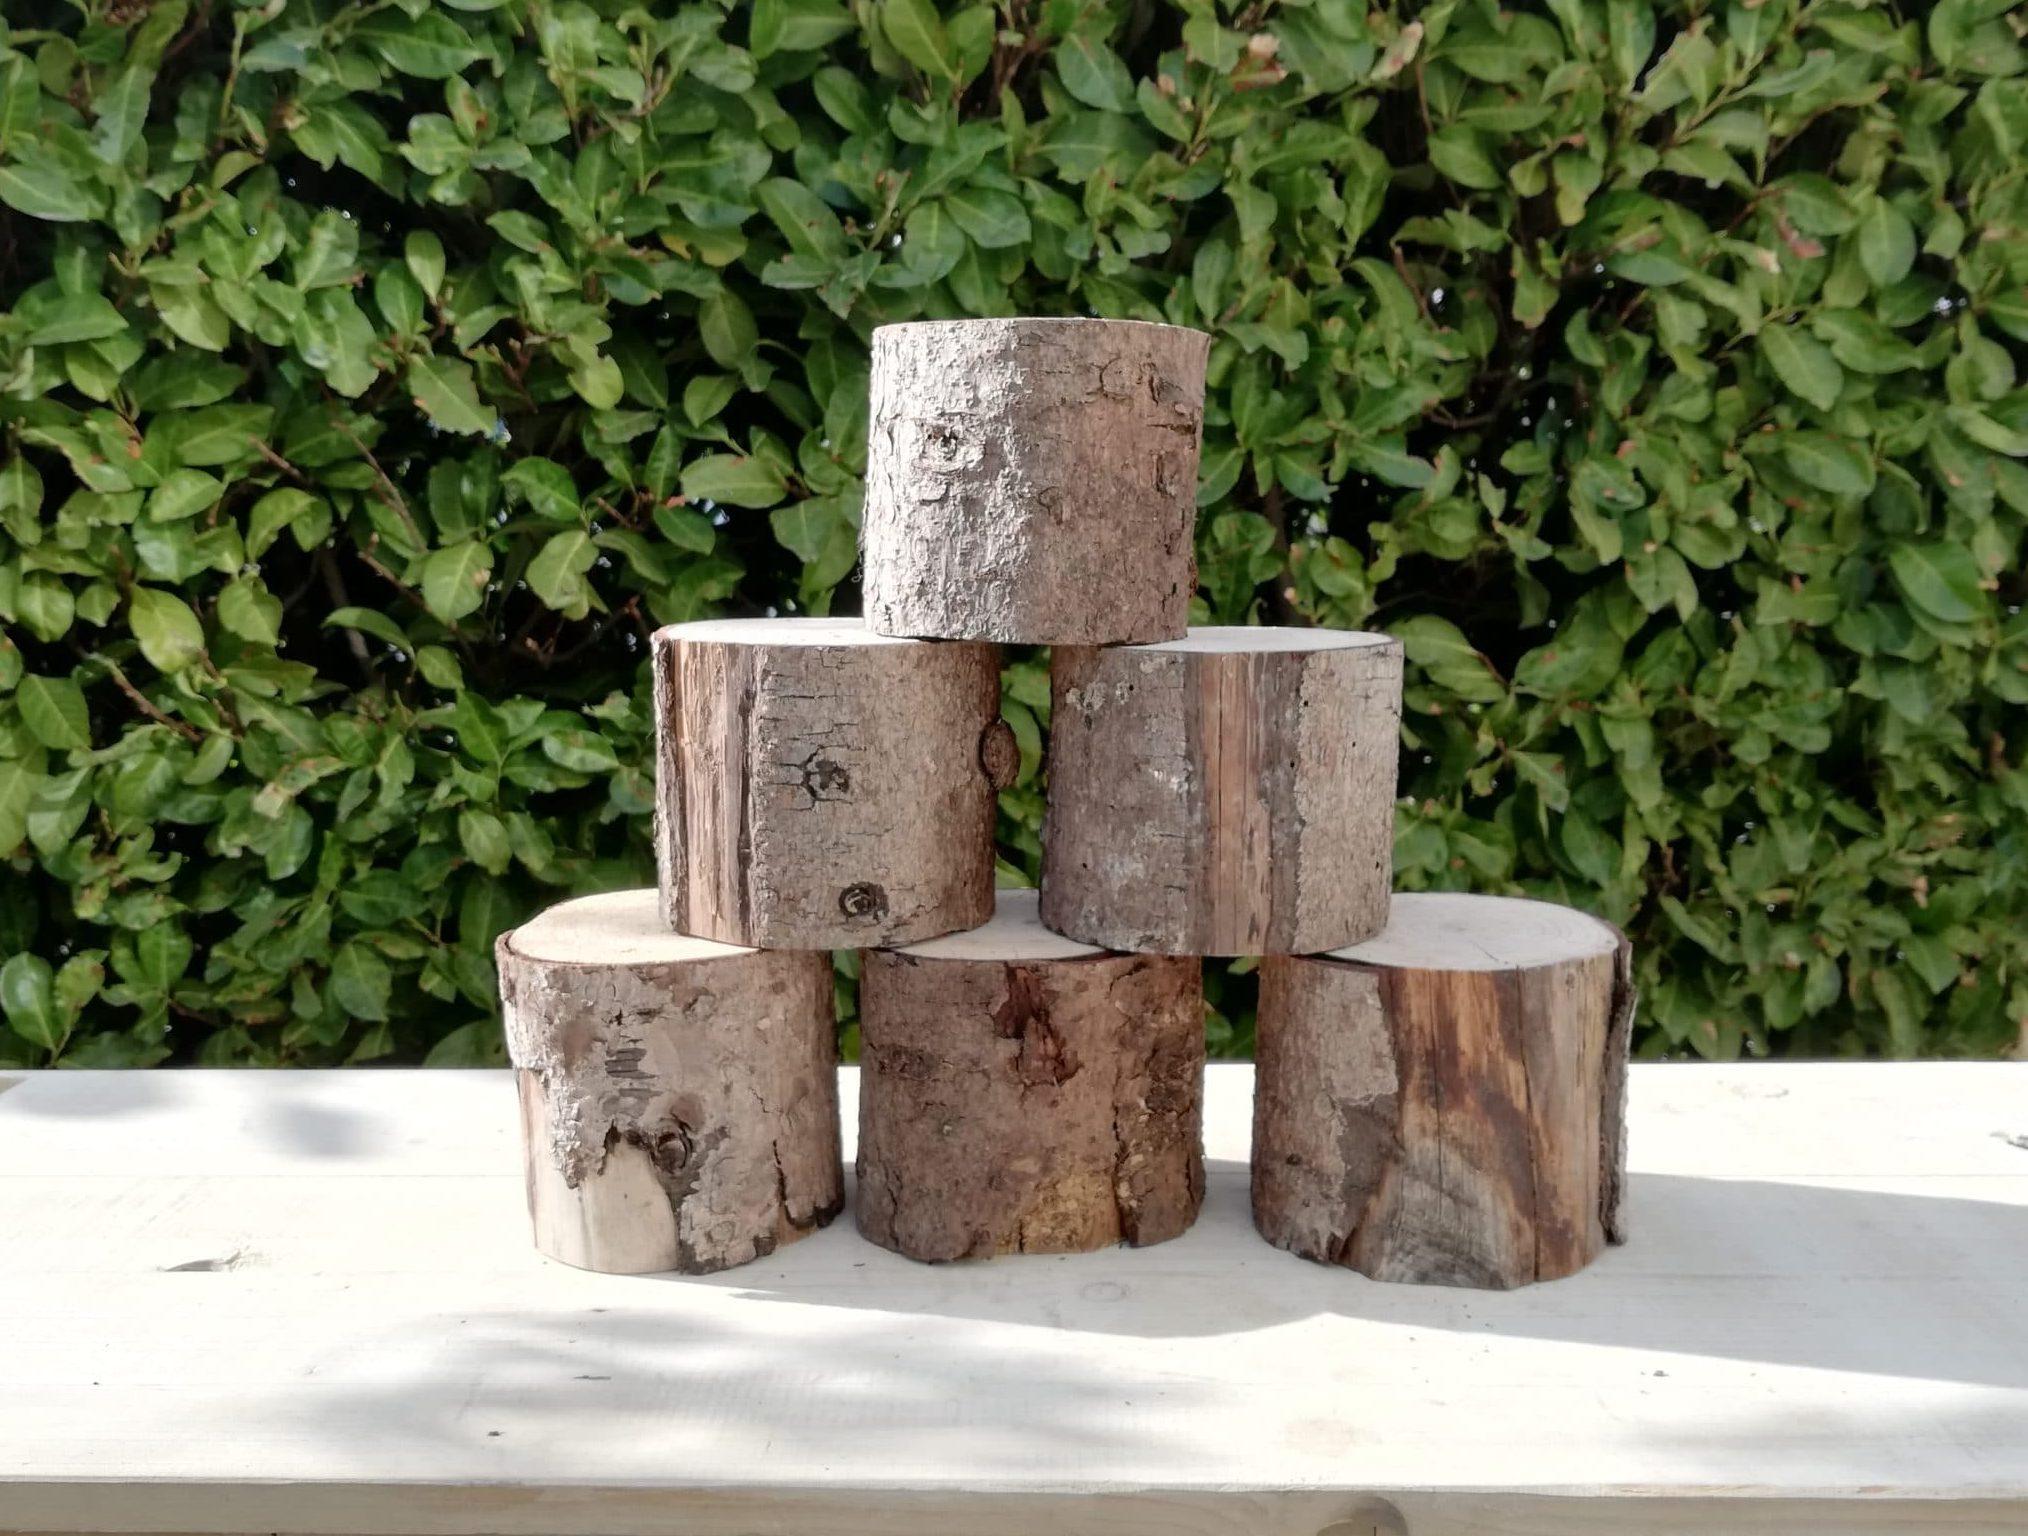 location de rondins de bois proposés par esprit pop'up pour la décoration de votre évènement